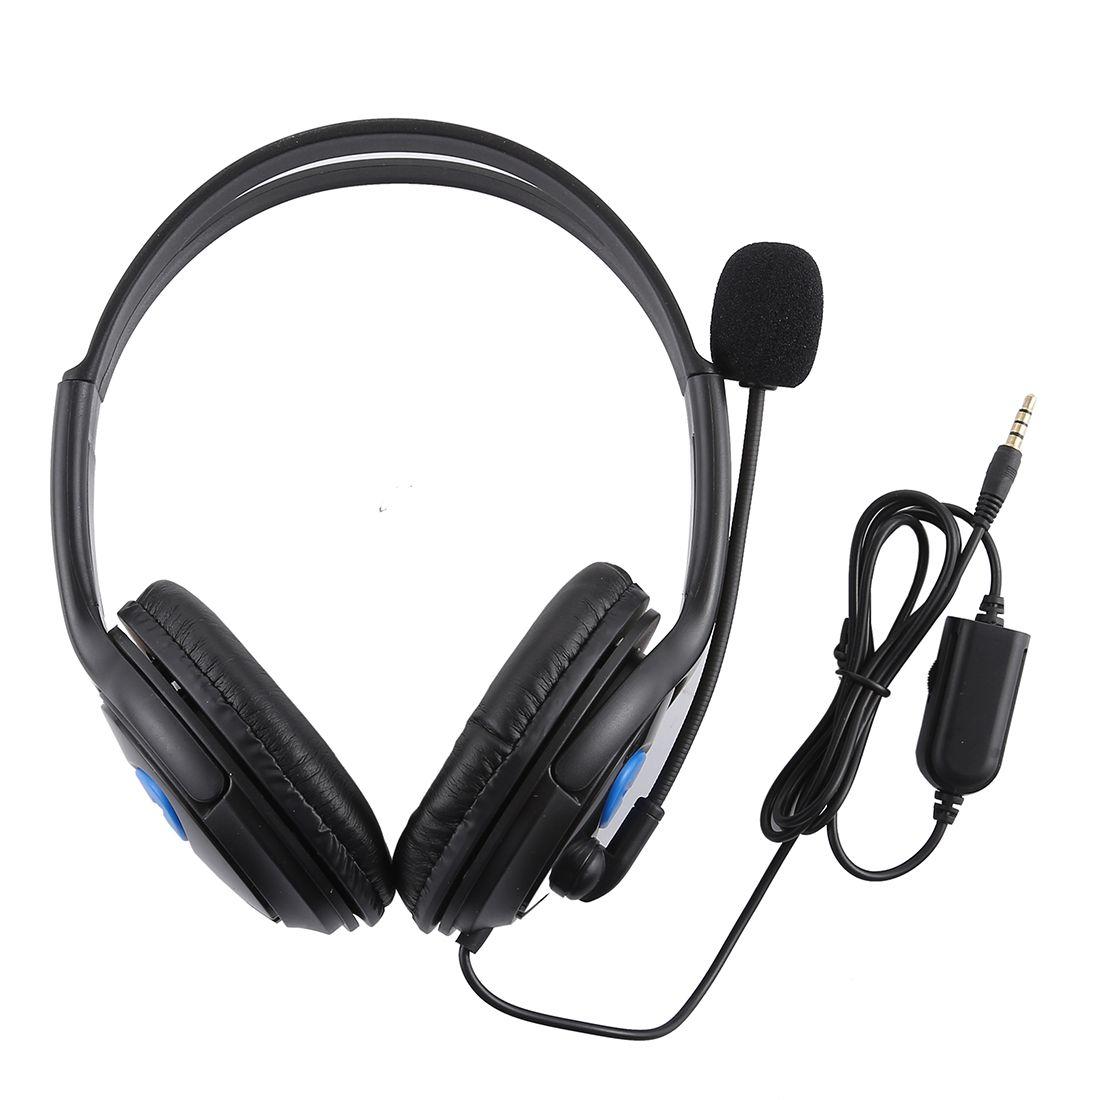 Fone de Ouvido Headset P2 com Microfone para PS4 PC Notebook e Celular